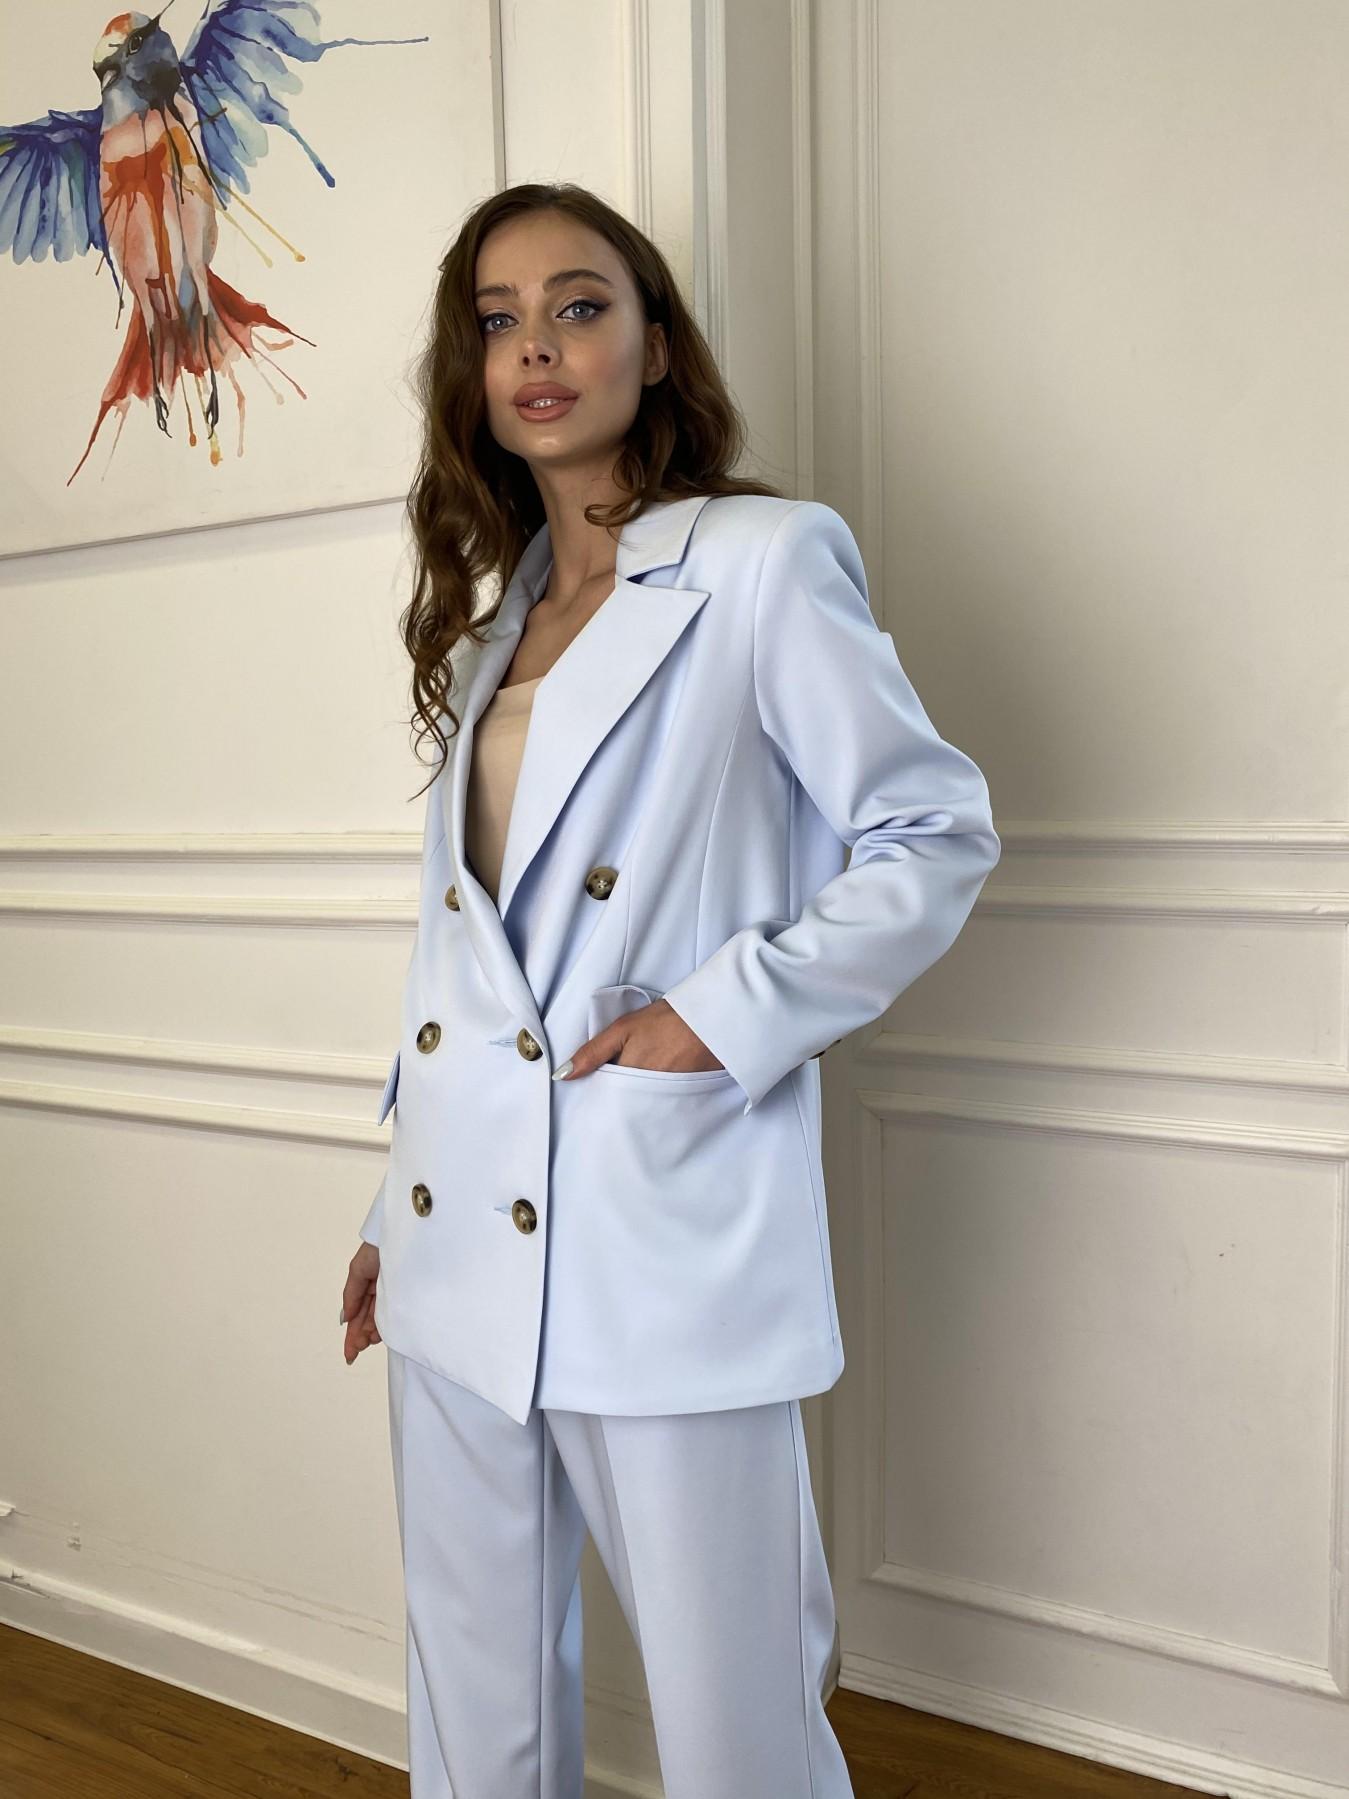 Белисимо  костюм стрейч из костюмной ткани 11217 АРТ. 47737 Цвет: Голубой - фото 4, интернет магазин tm-modus.ru